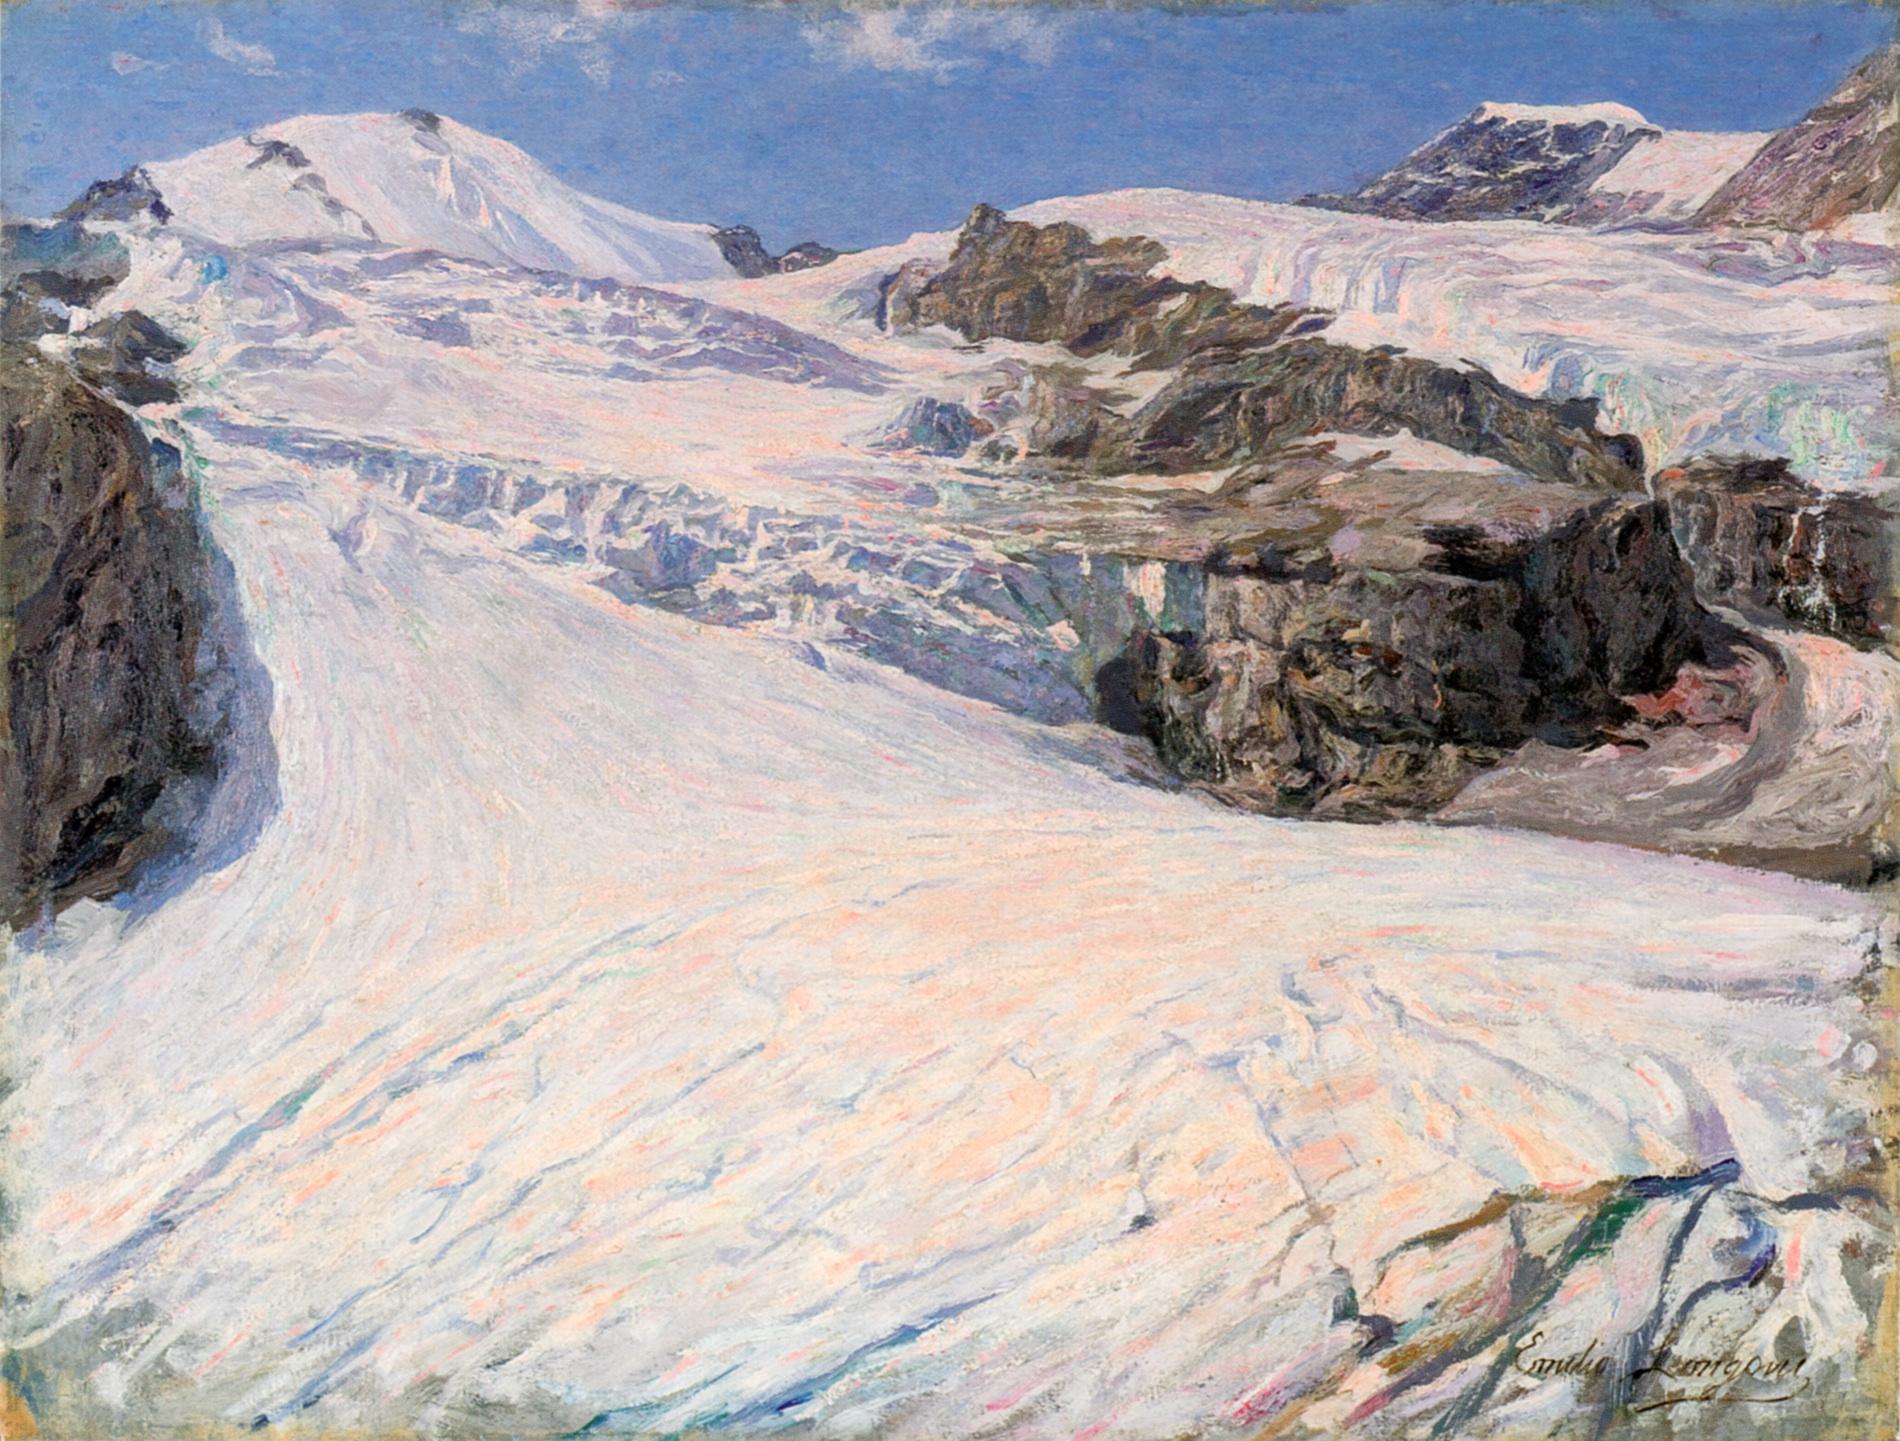 6-emilio-longoni-ghiacciaio-olio-su-tela-667-x-875-cm